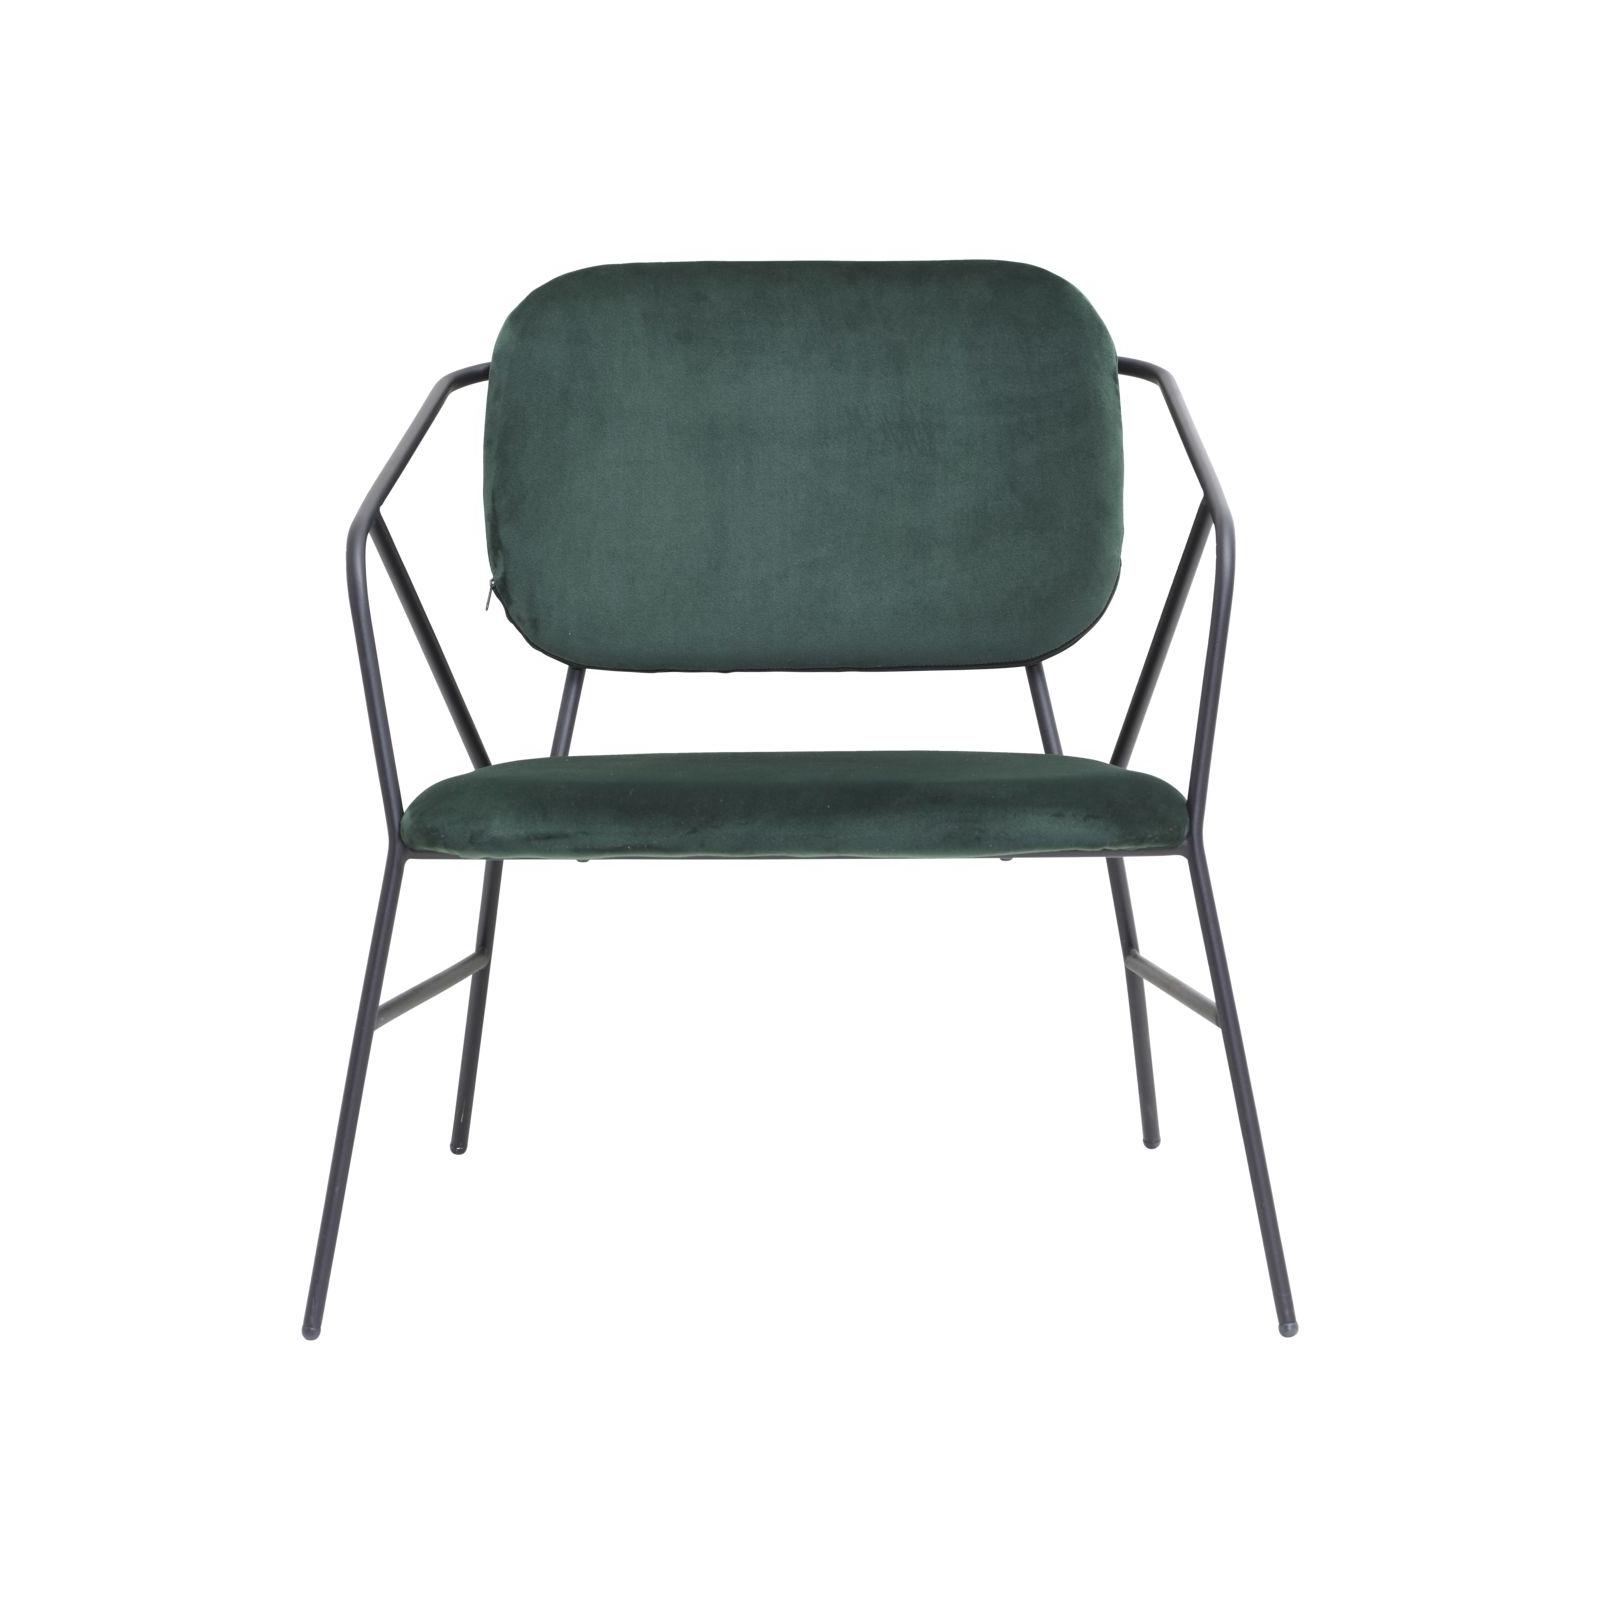 Lounge stol KLEVER grön, House Doctor